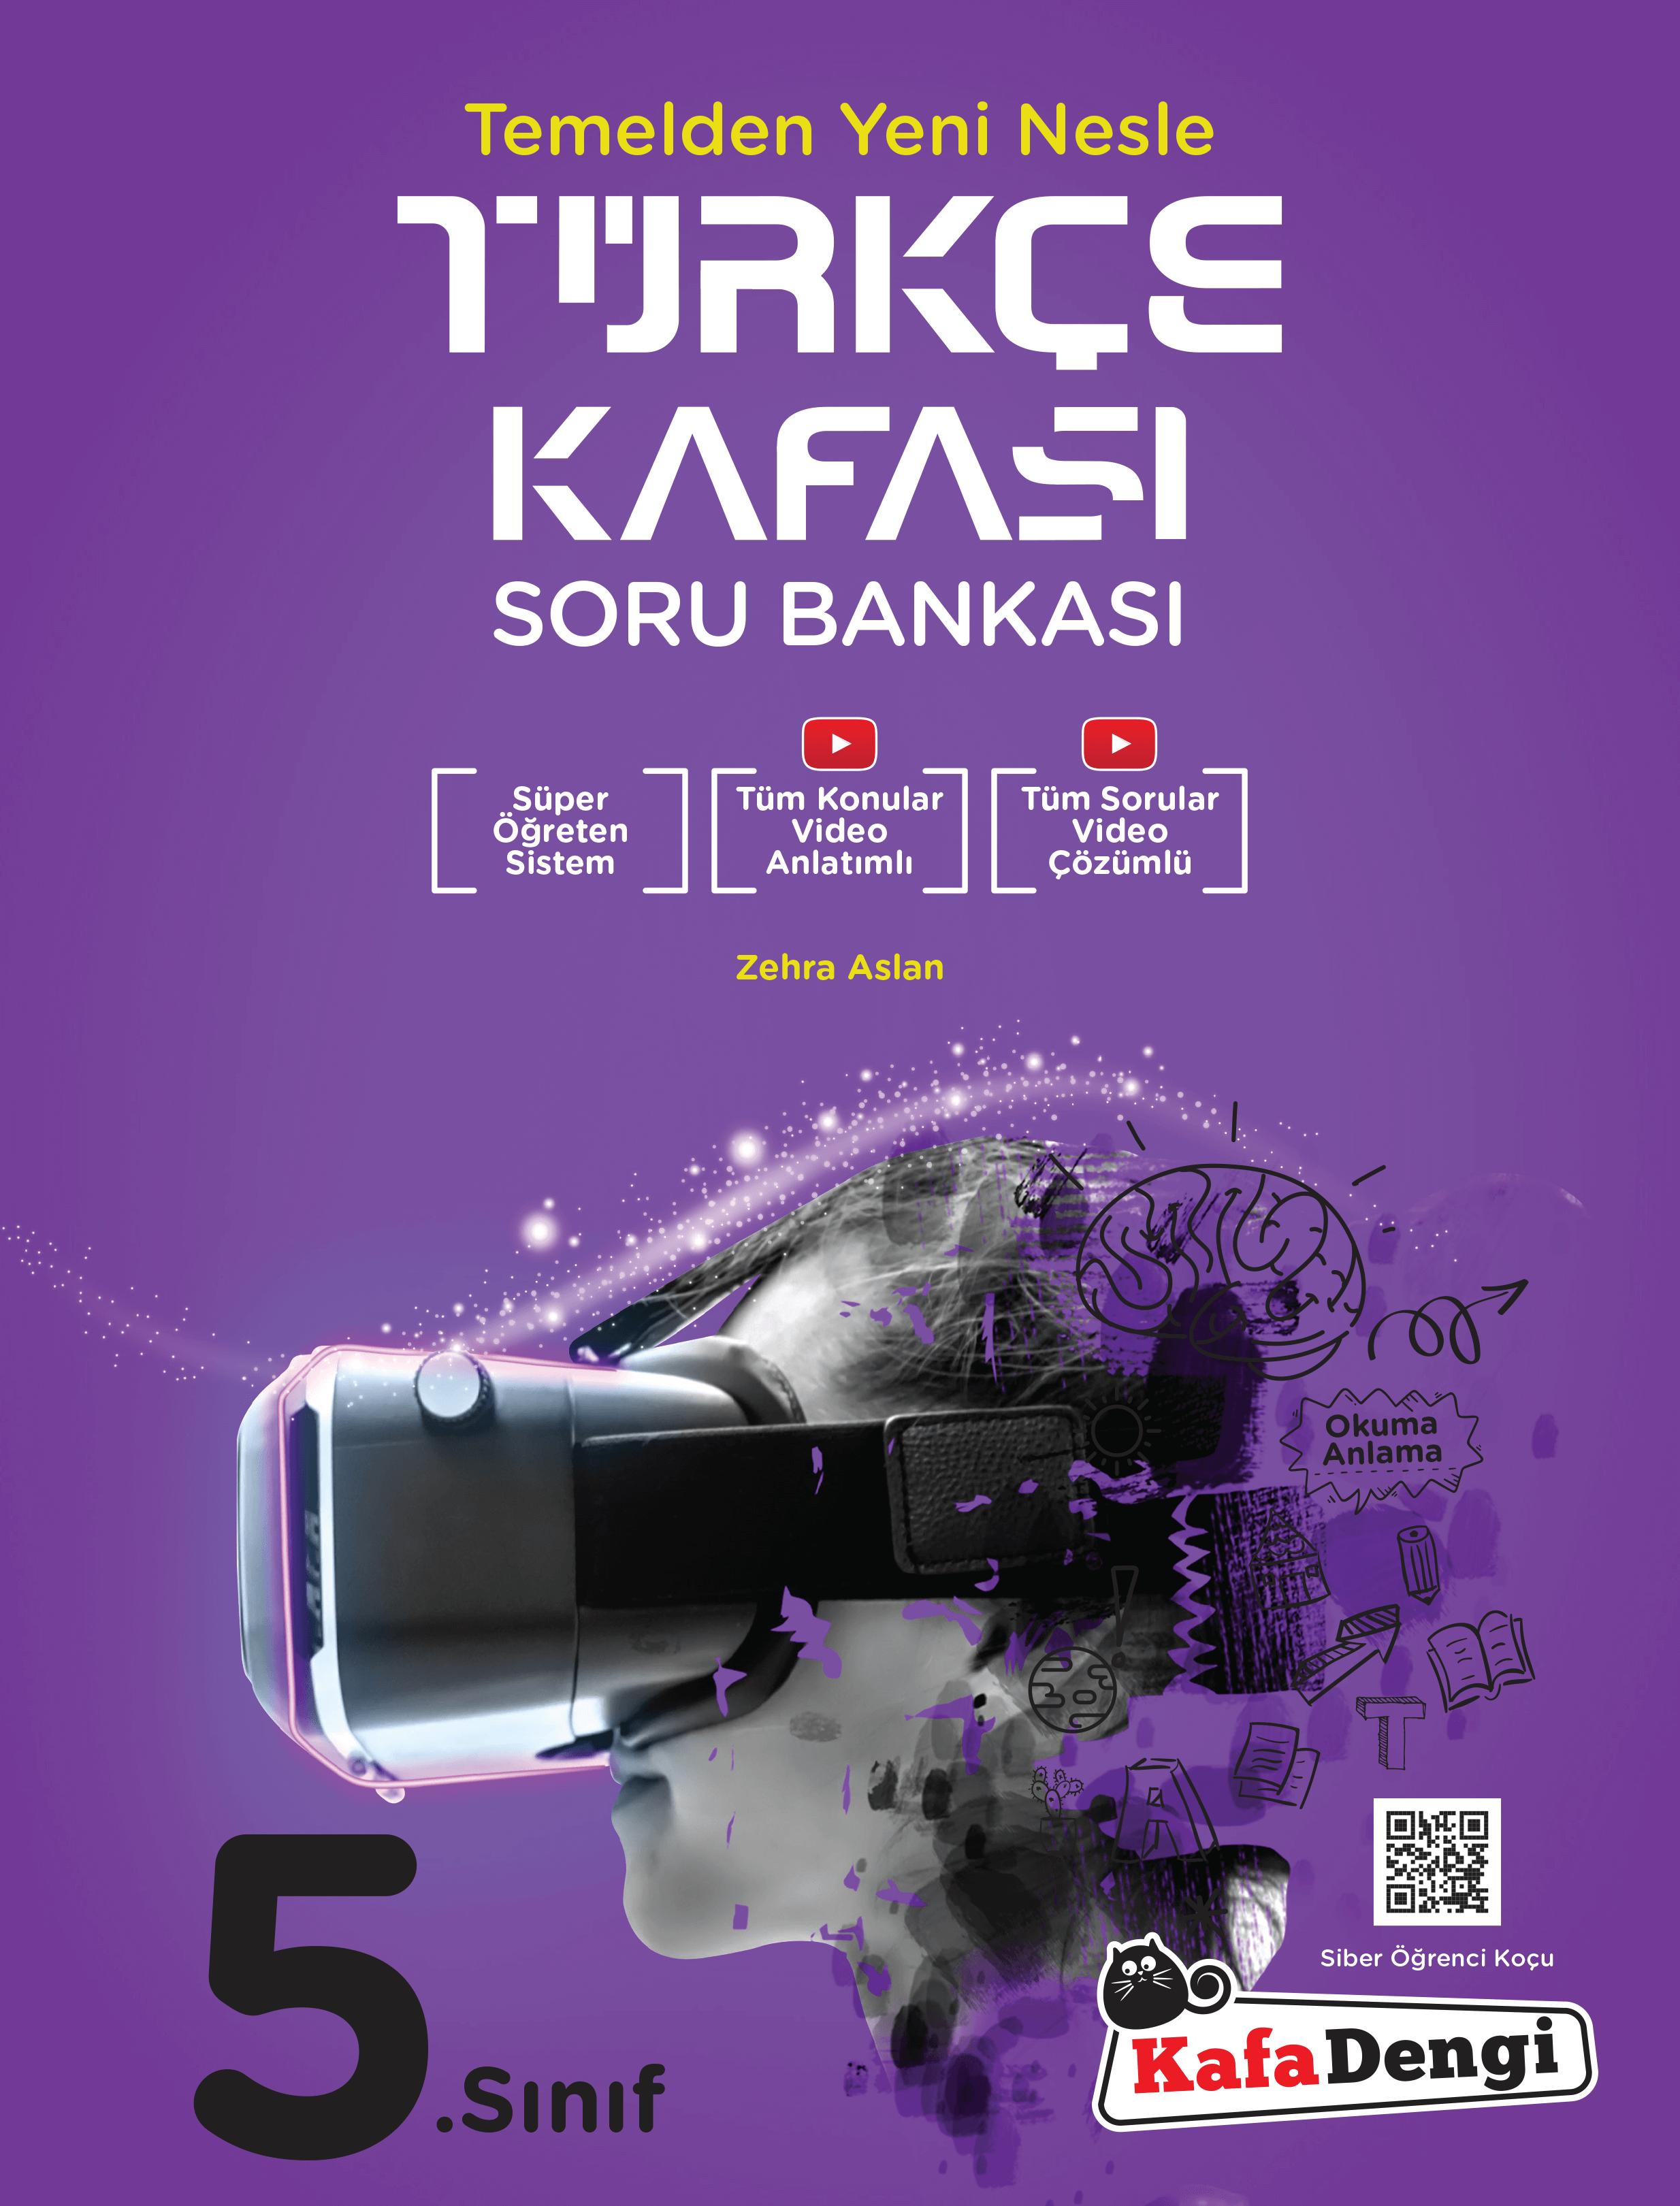 5. Sınıf Türkçe Kafası Soru Bankası